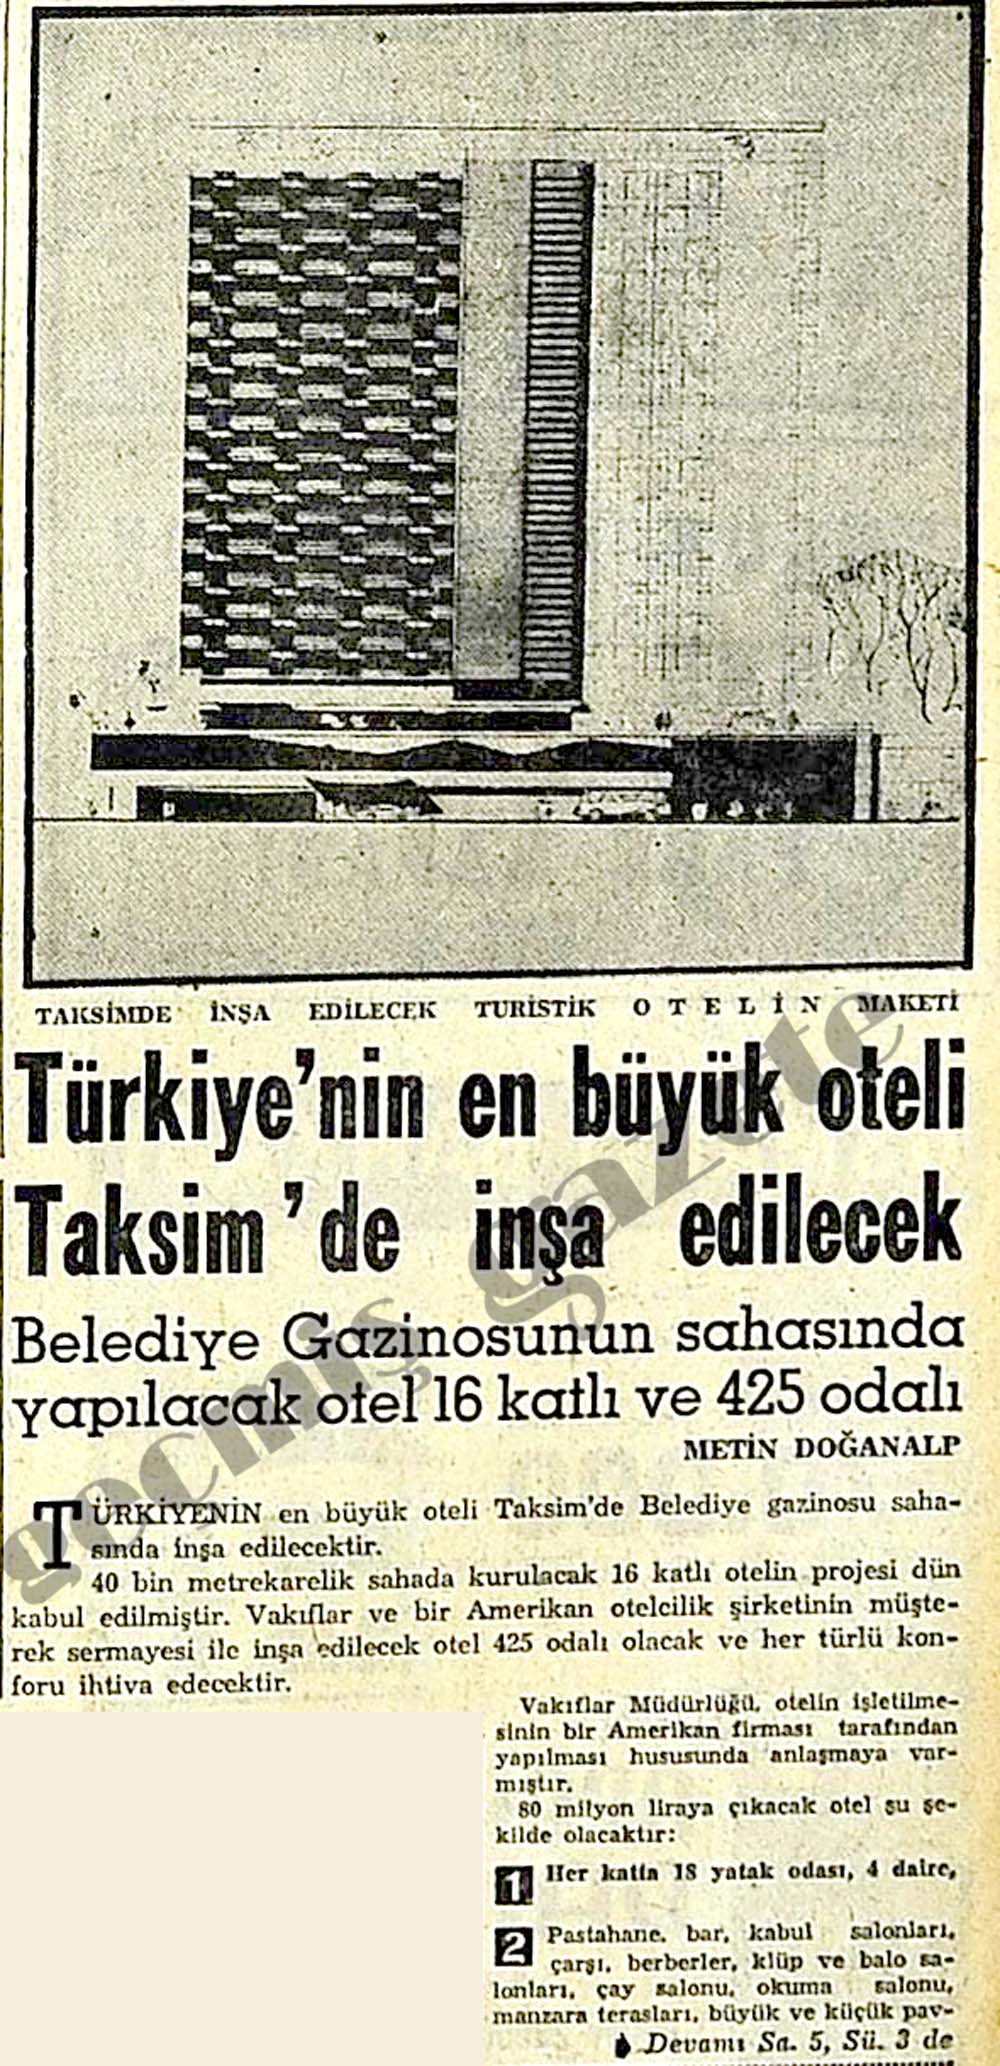 Türkiye'nin en büyük oteli Taksim'de inşa edilecek